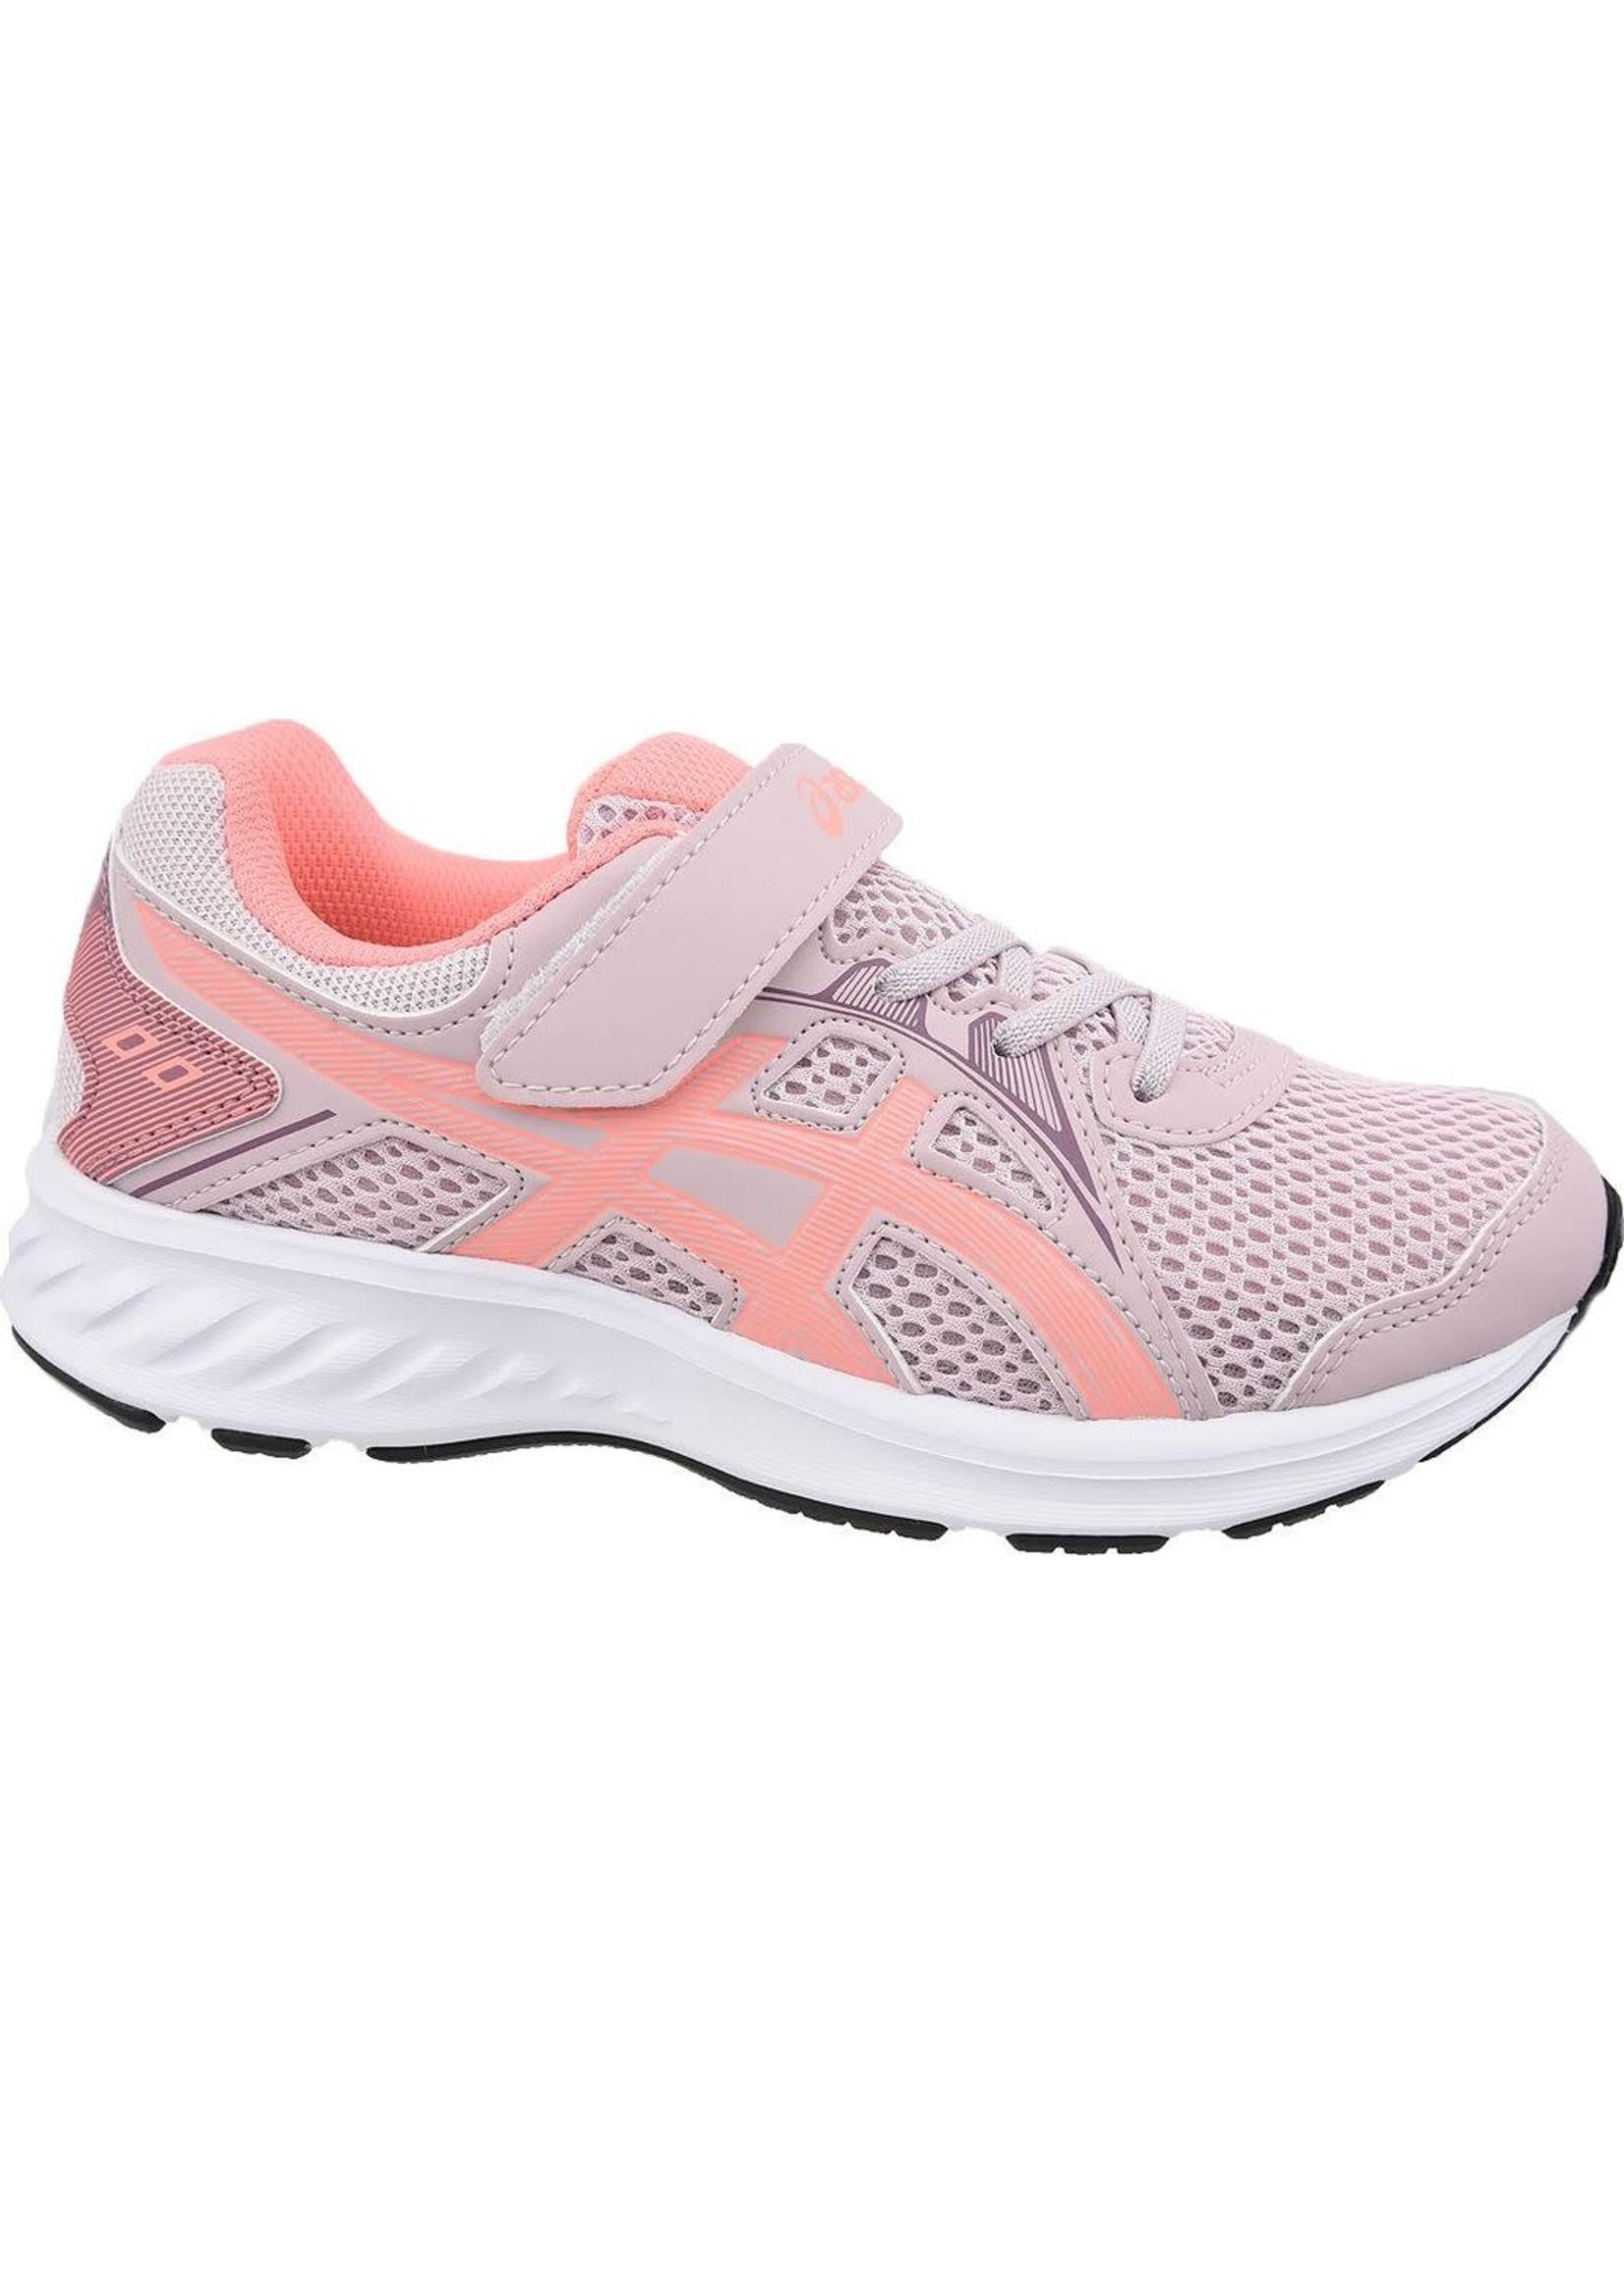 Asics Asics Jolt 2 Junior Running Shoe, Watershed Rose/Sun Coral